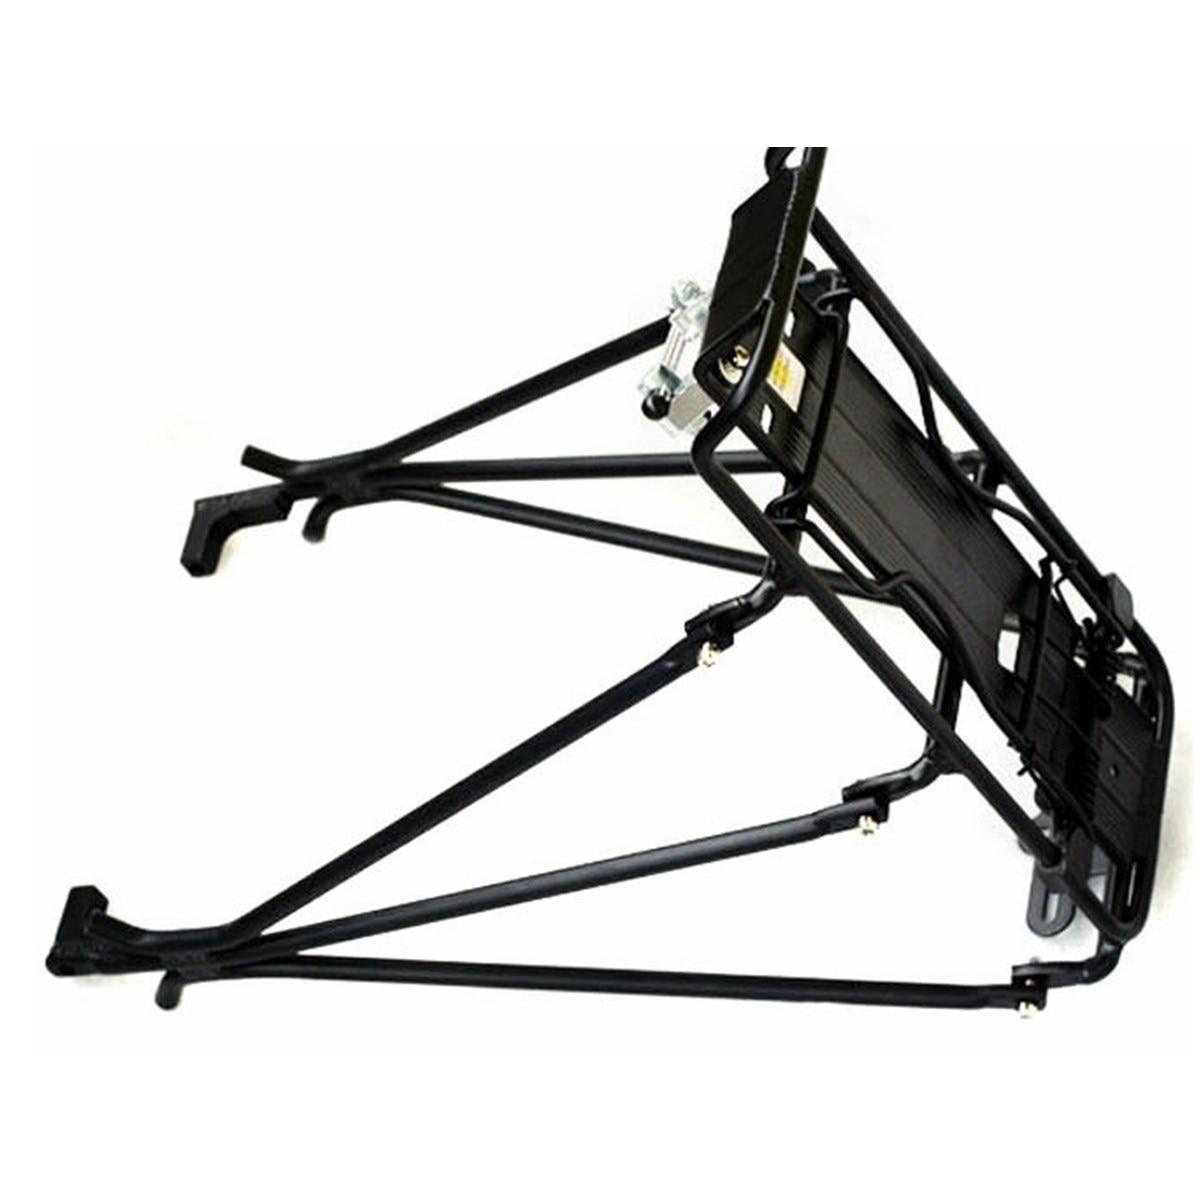 Цена за Алюминиевый Сплав MTB Велосипед Rack Carrier Корзины Сумка Перевозчик Регулируемые Задние Сиденья Багажа Велоспорт Кронштейна